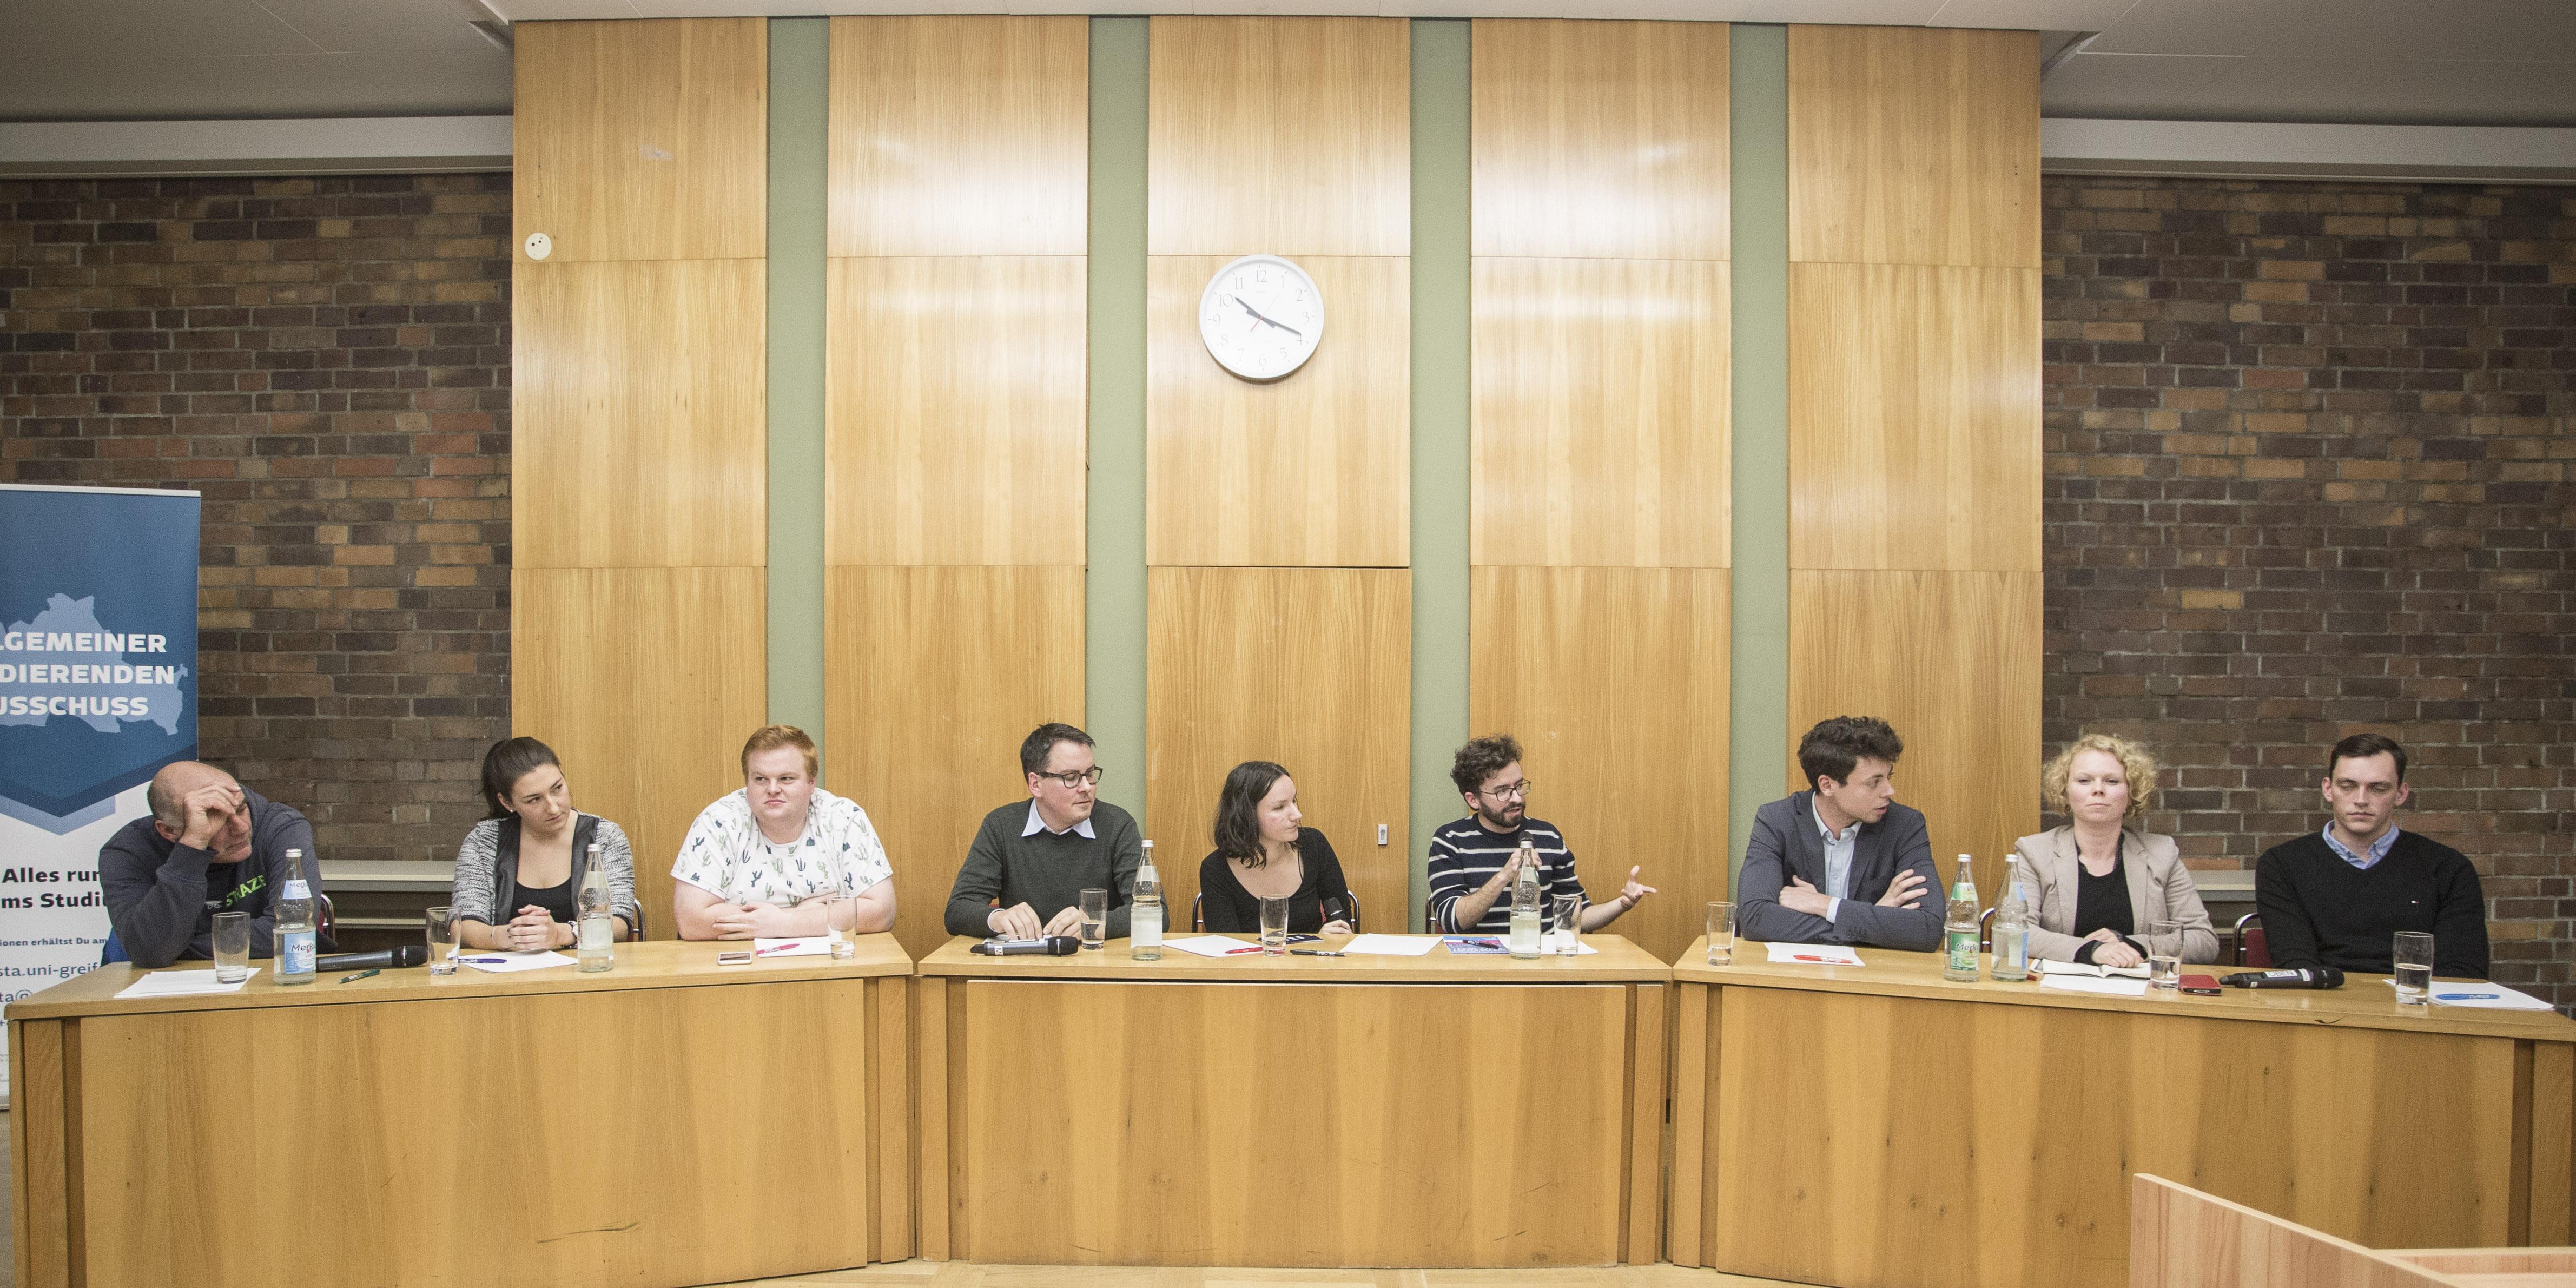 Podiumsdiskussion: Studentenverbindungen